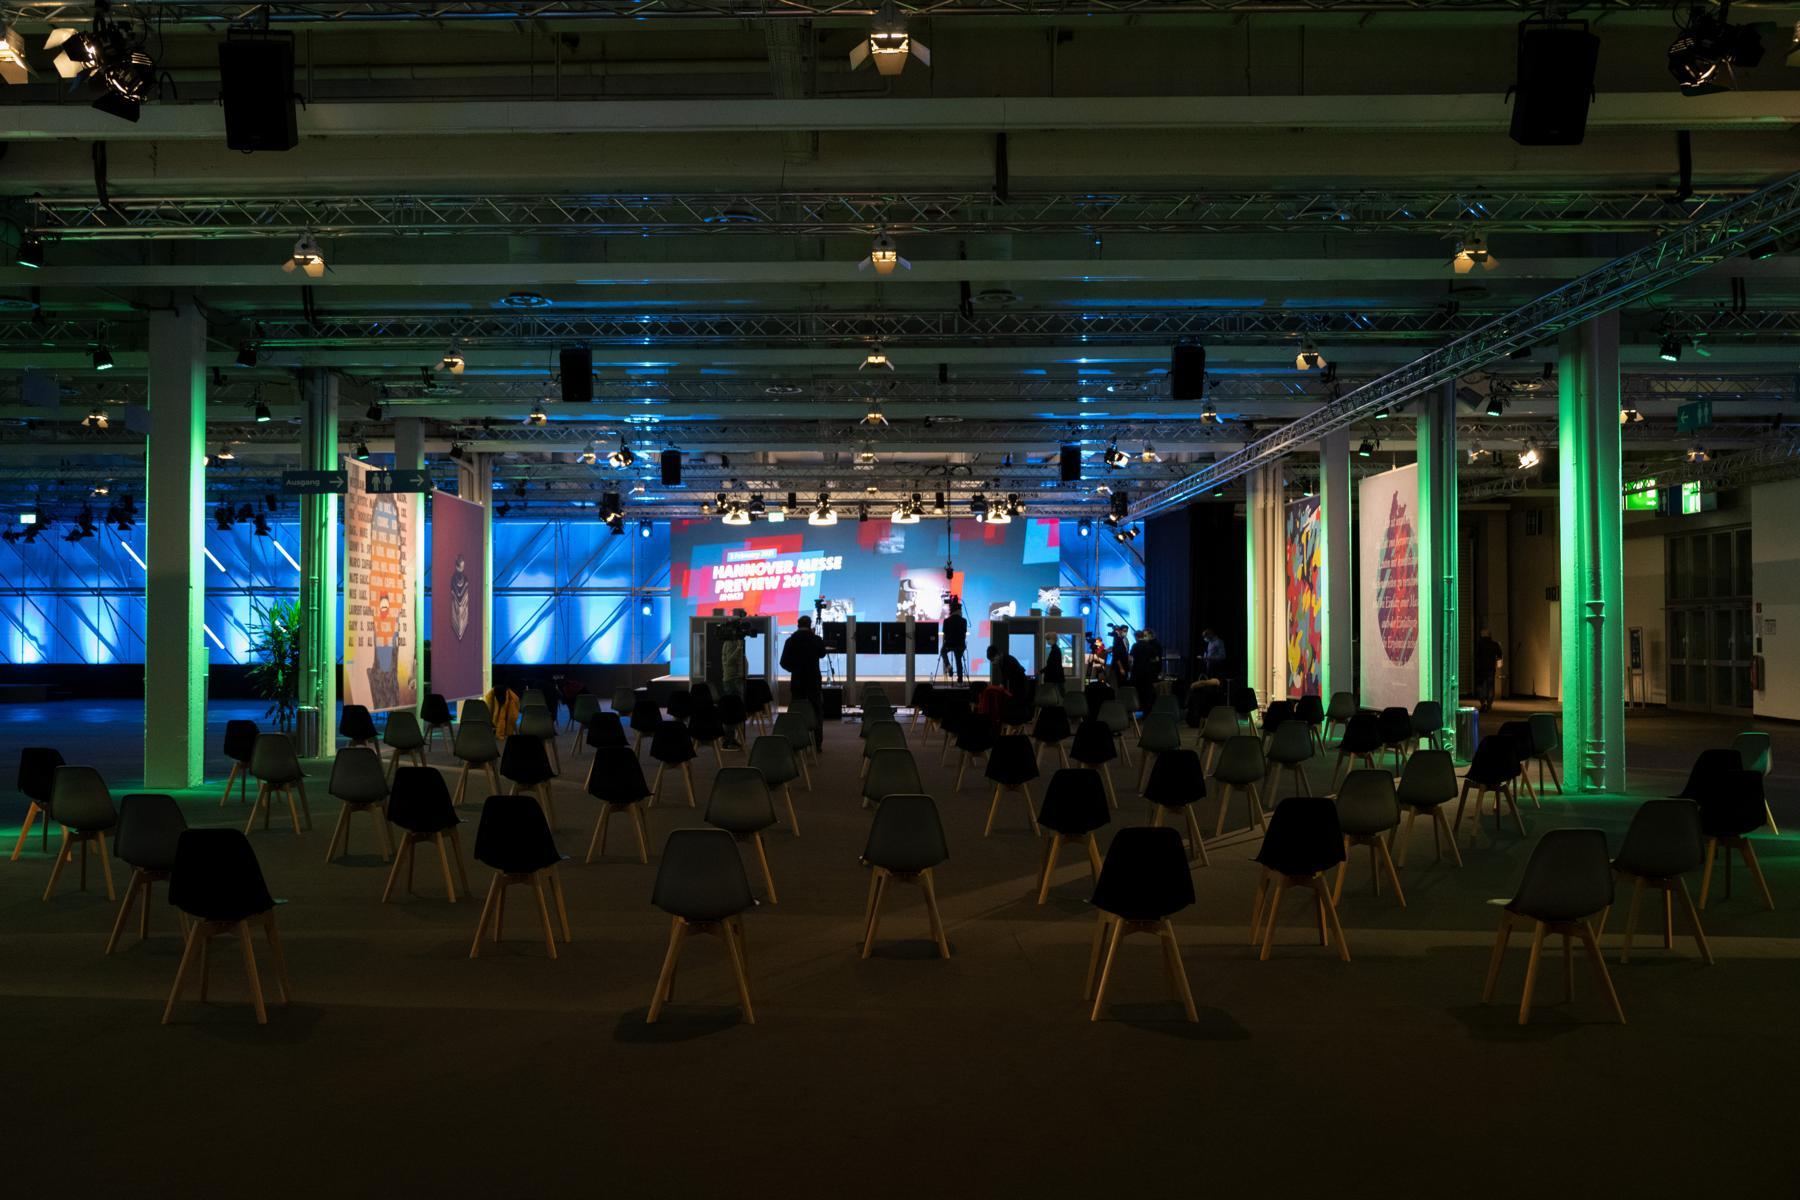 Blick in eine Veranstaltungshalle der Hannover MEsse